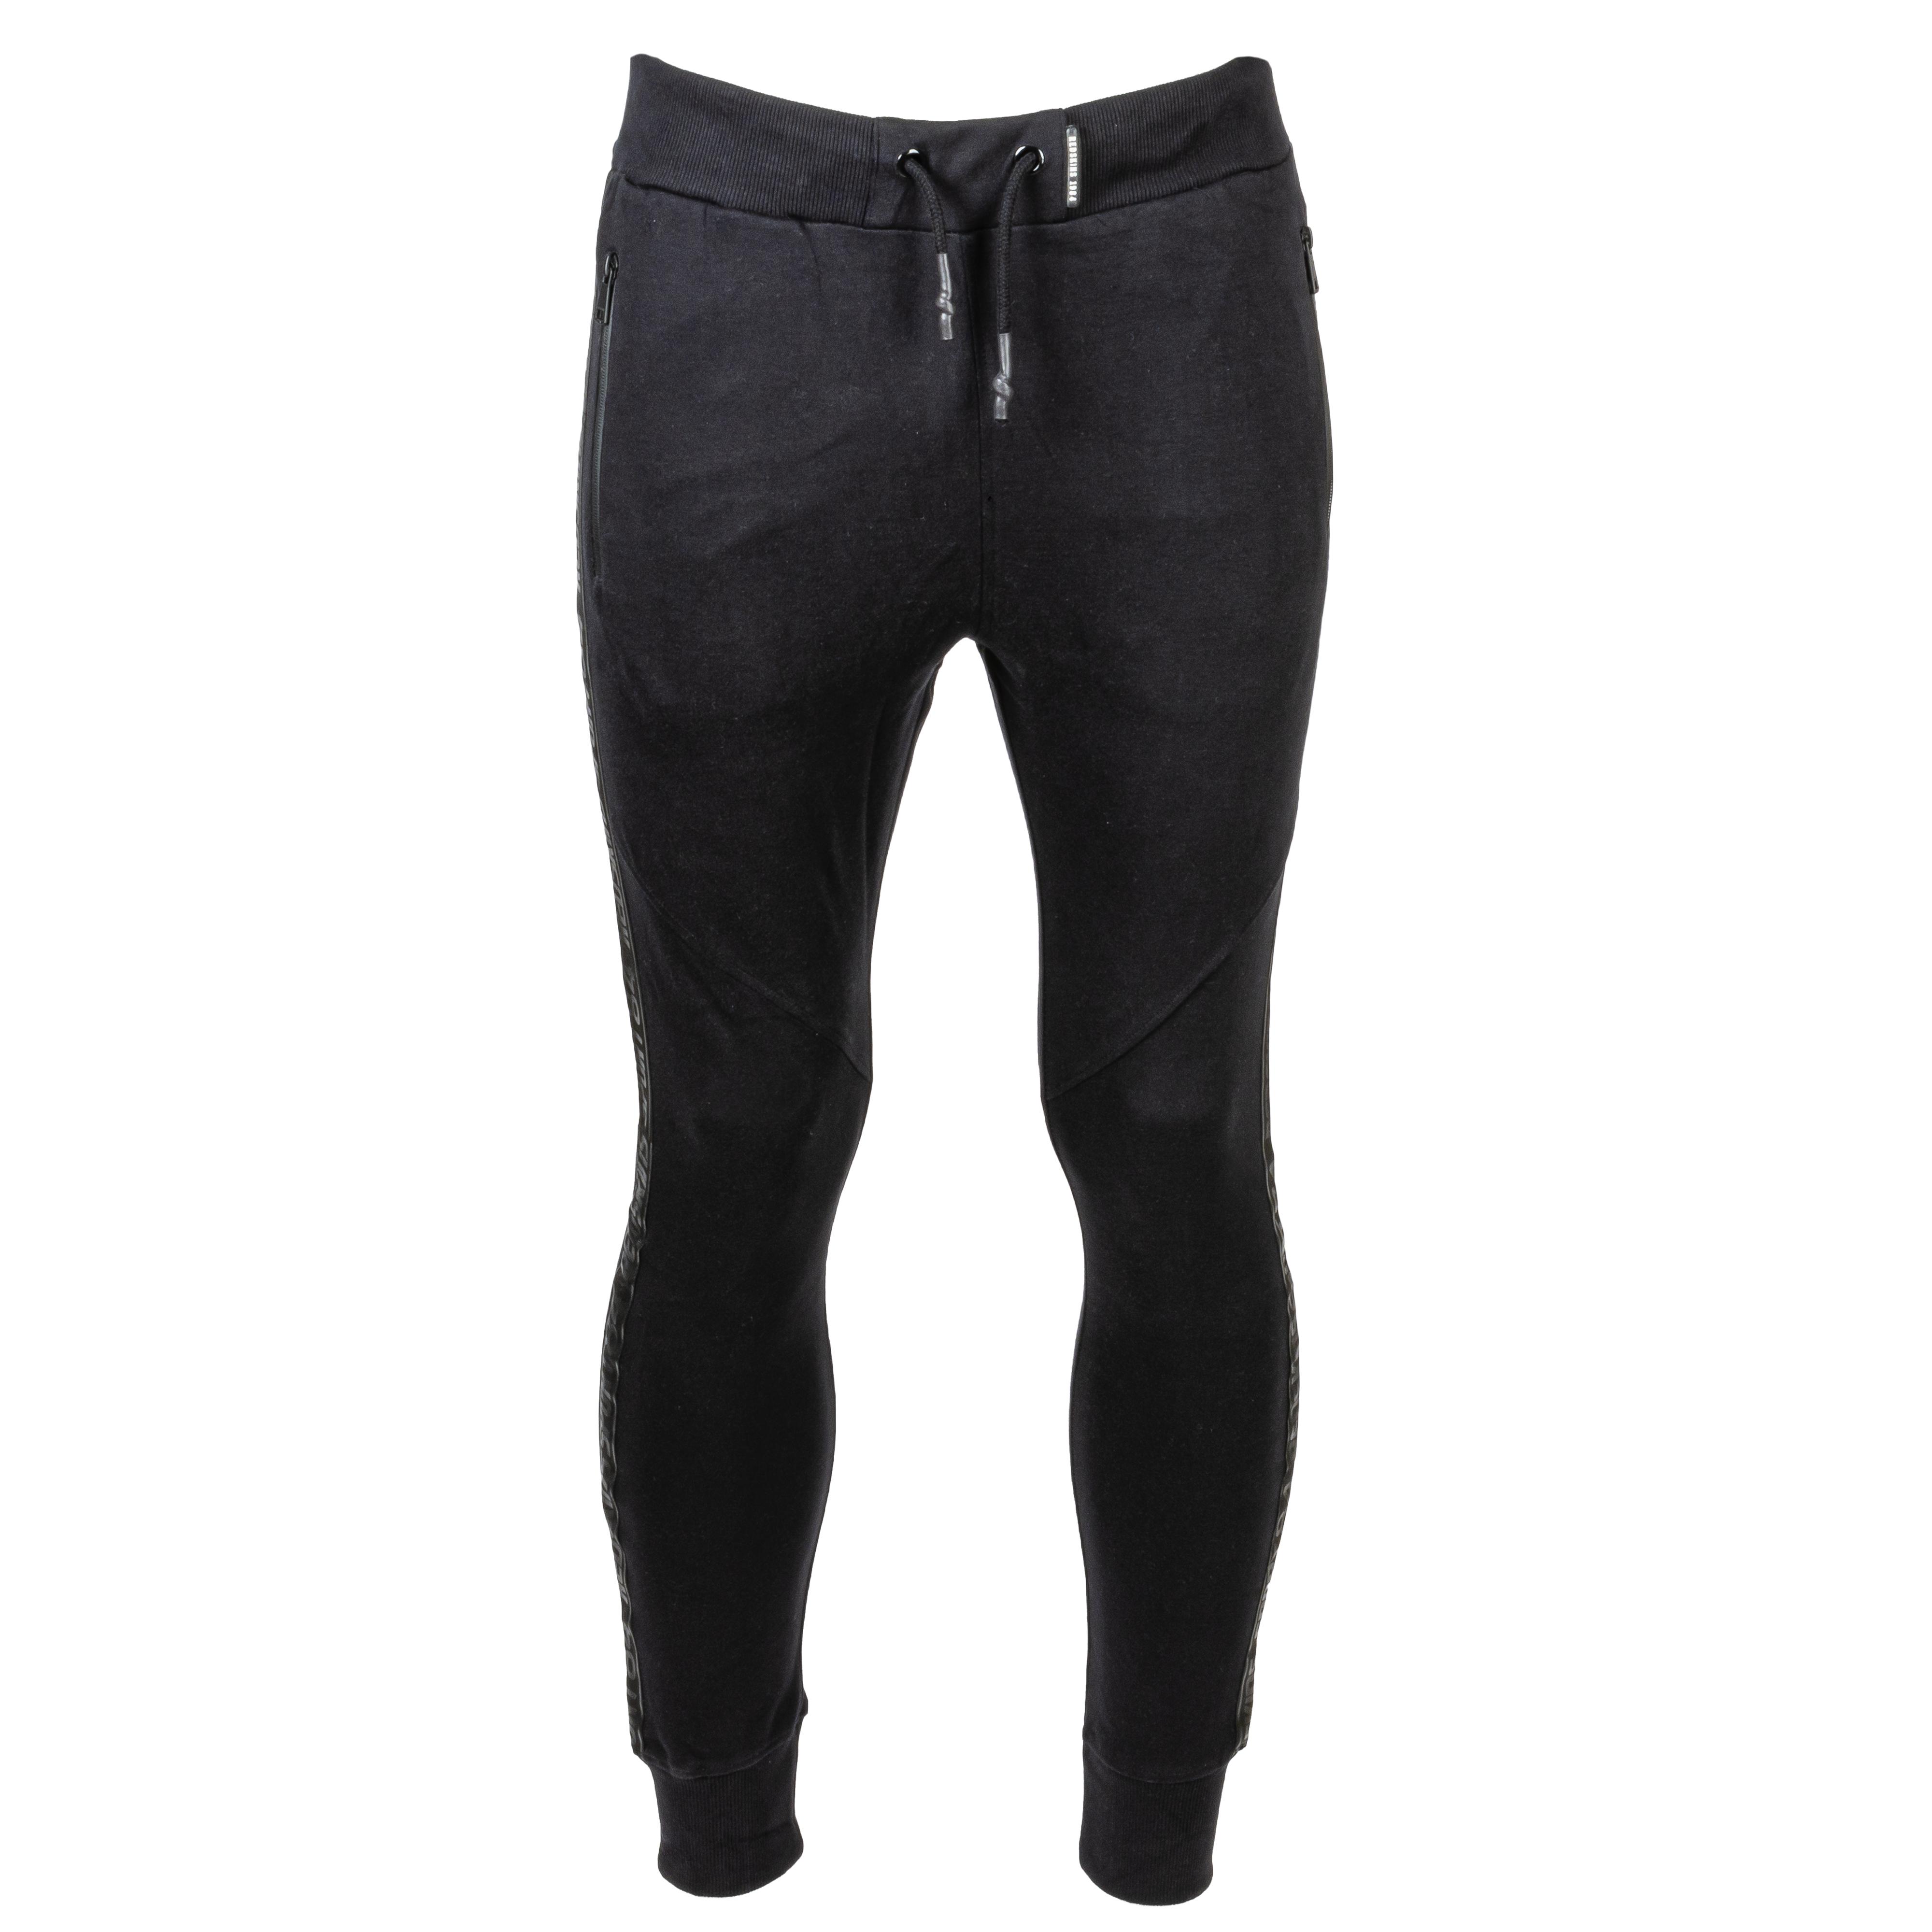 Pantalon de jogging  serty noir à bandes latérales